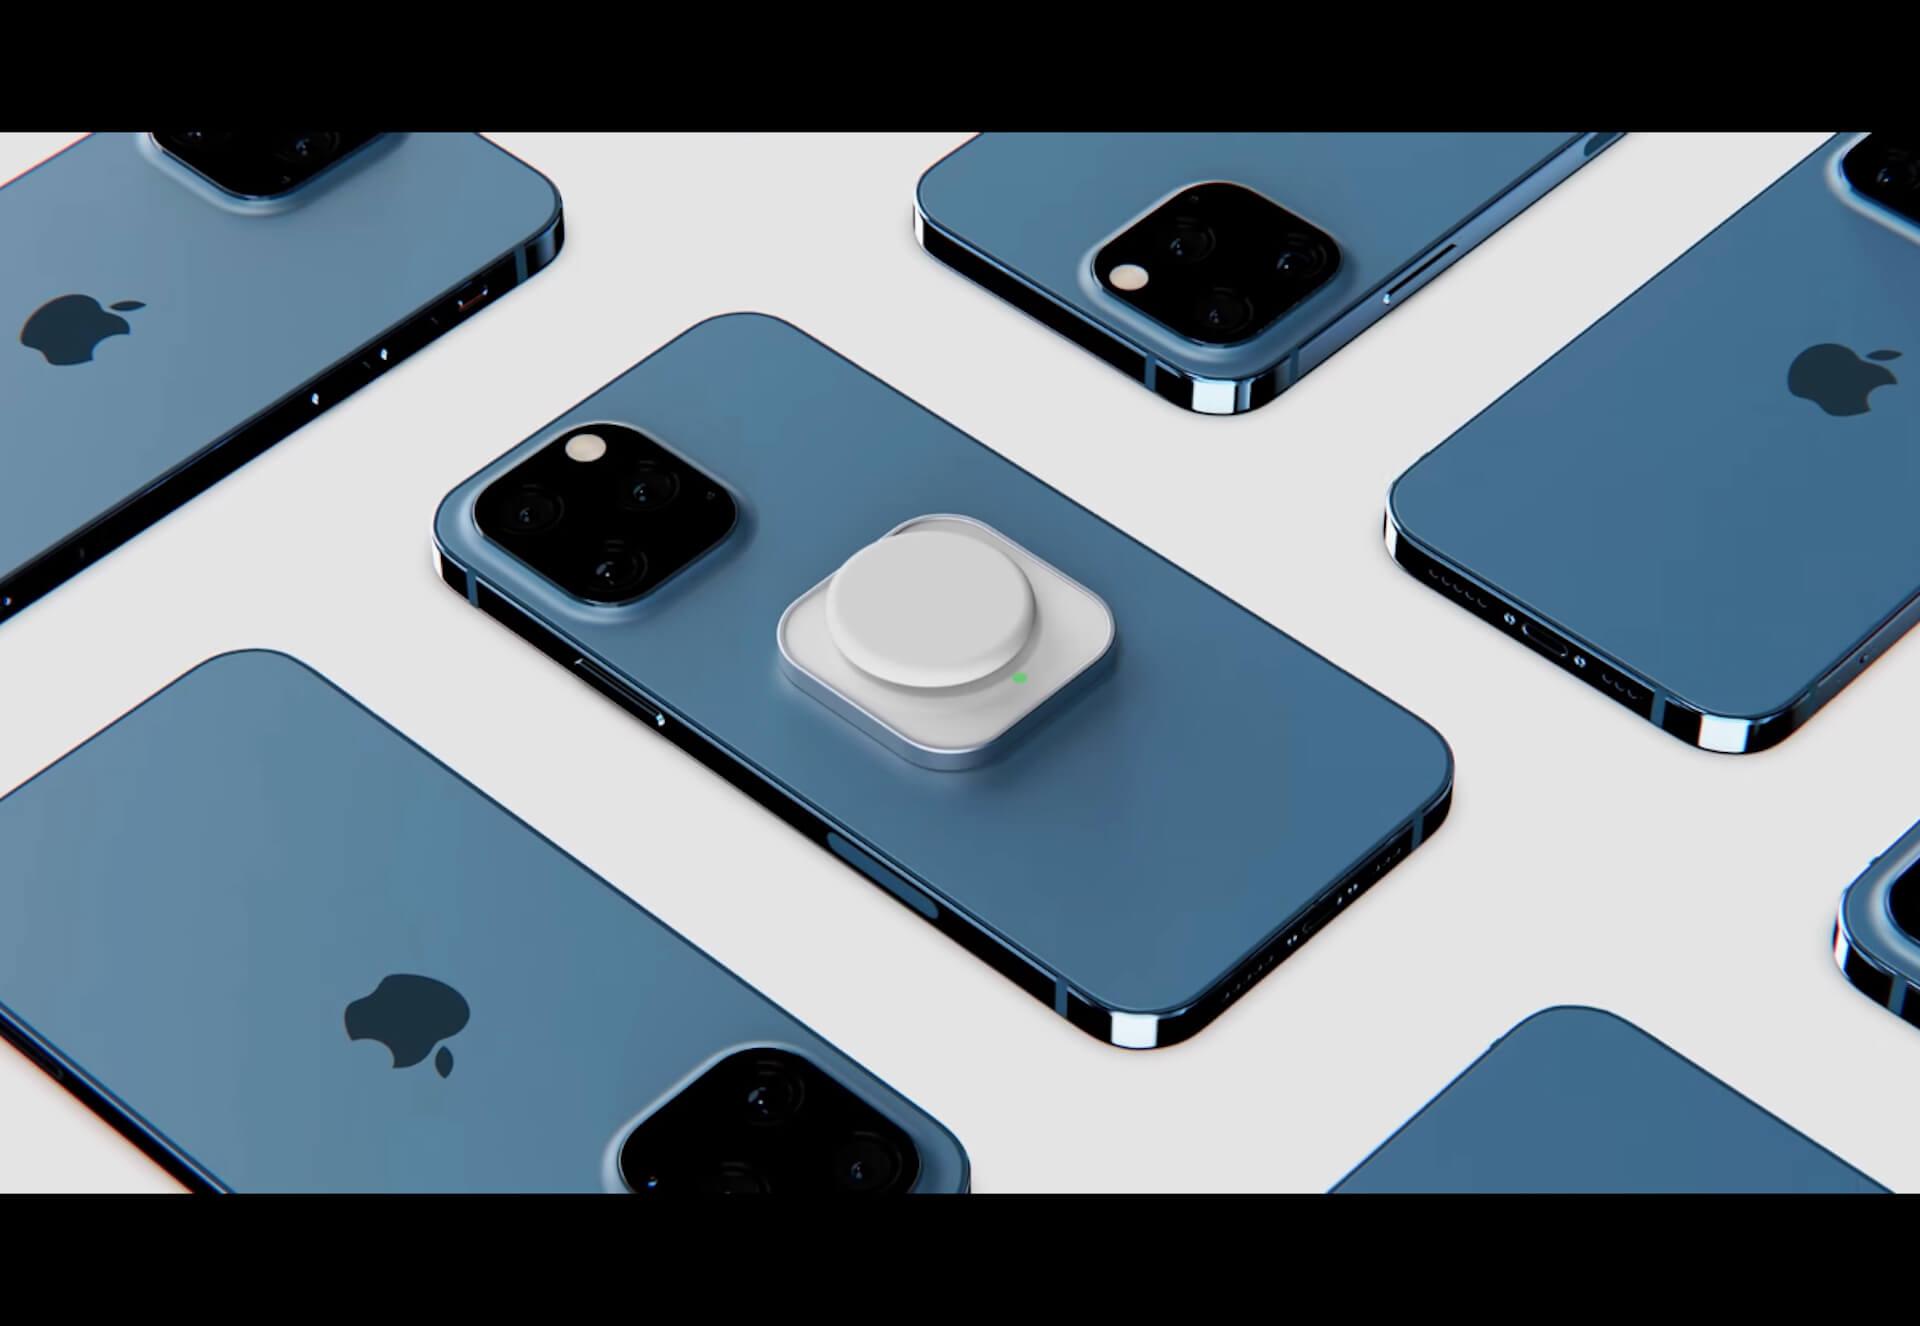 今年3月にAirTagsと新型iPad Proが登場?新型iPhoneはTouch ID搭載に向けて未だ開発中か tech210215_apple_main